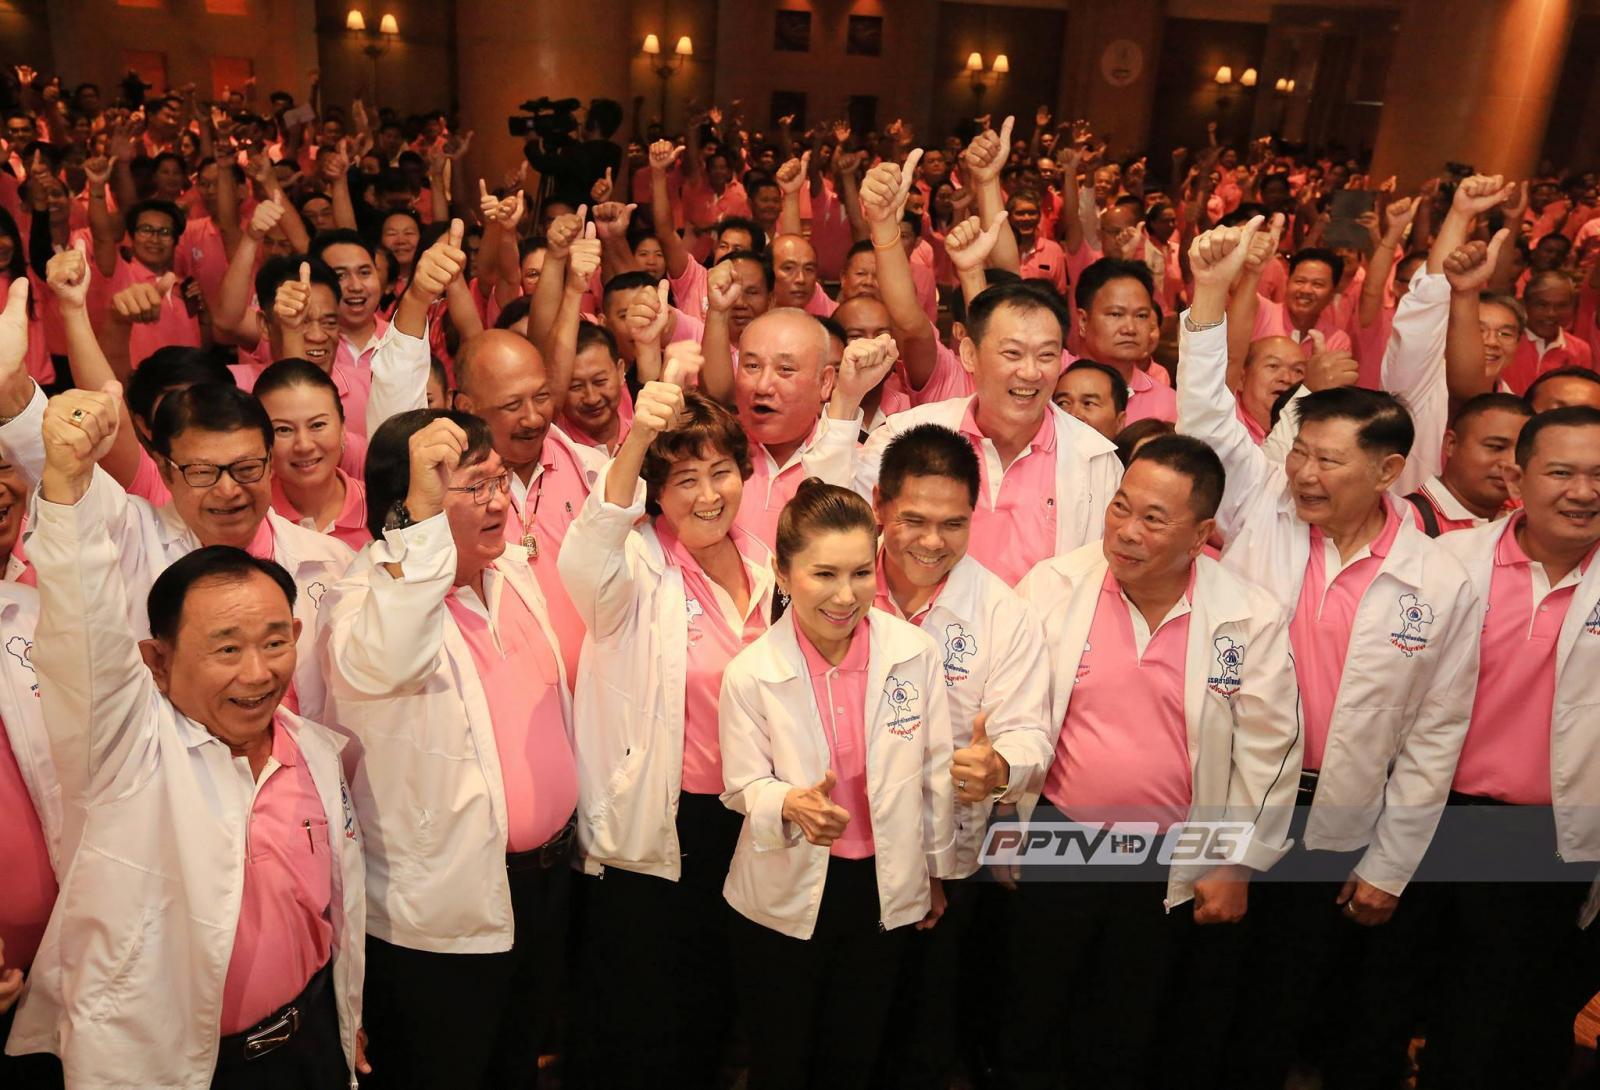 ชาติไทยพัฒนามีมติหนุนพลังประชารัฐเป็นปธ.สภาฯ